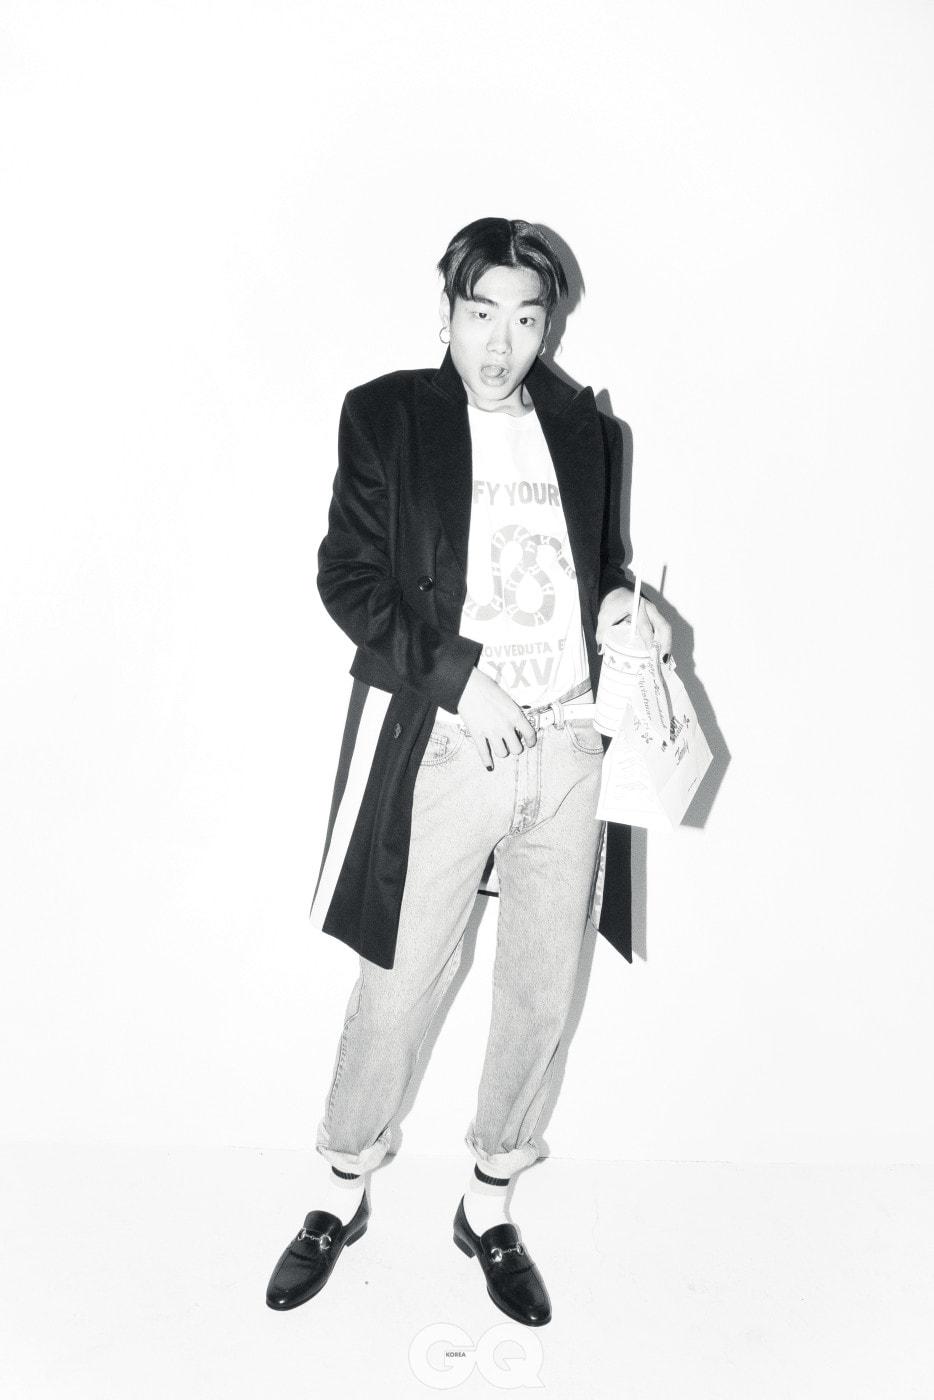 코트 6백10만원, 티셔츠 가격 미정, 데님 팬츠 93만원, 화이트 벨트 51만원, 로퍼 1백32만원, 양말 14만원, 모두 구찌.